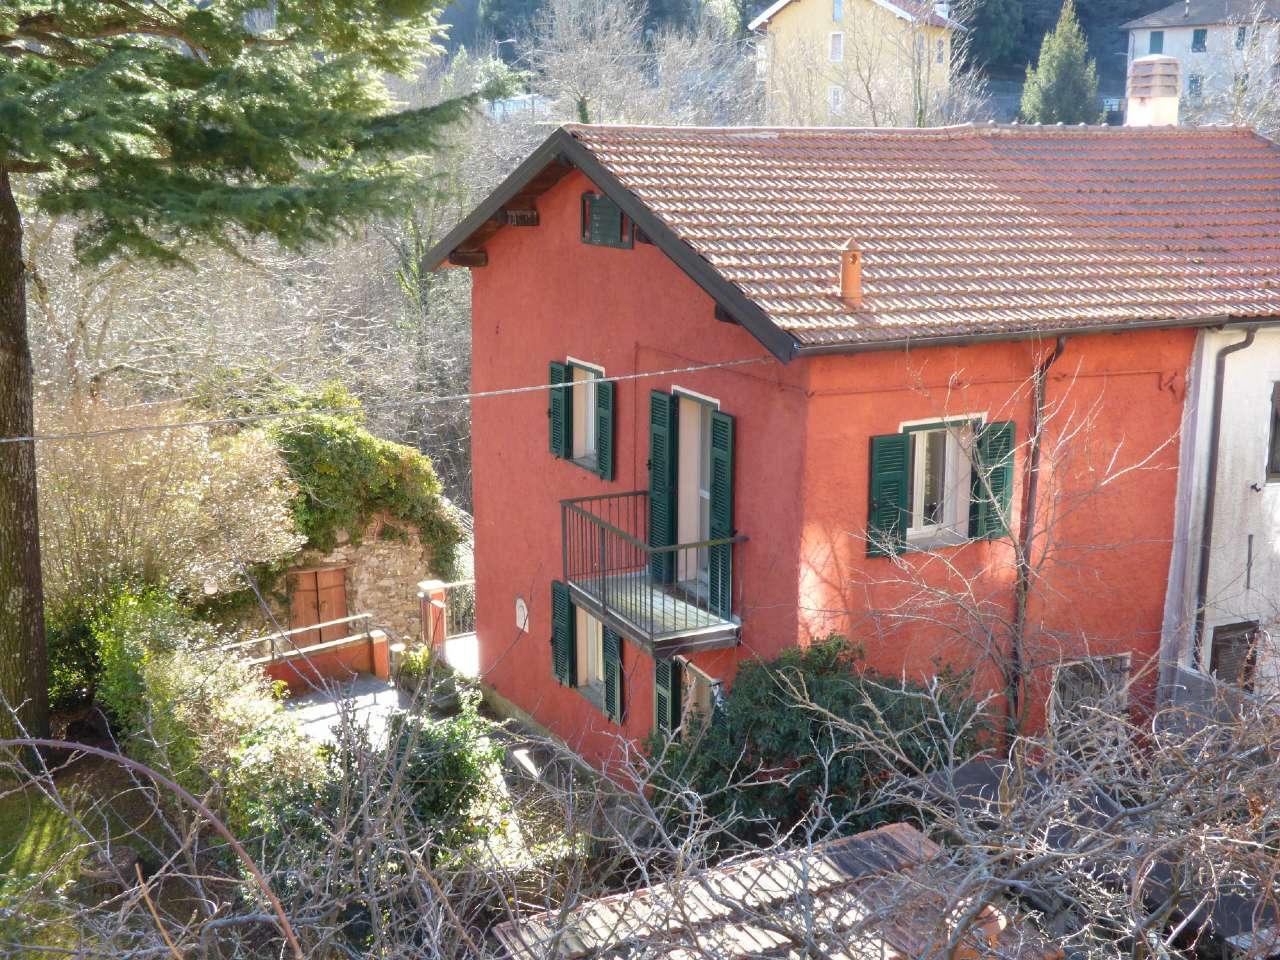 Soluzione Indipendente in affitto a Bargagli, 5 locali, prezzo € 370 | CambioCasa.it